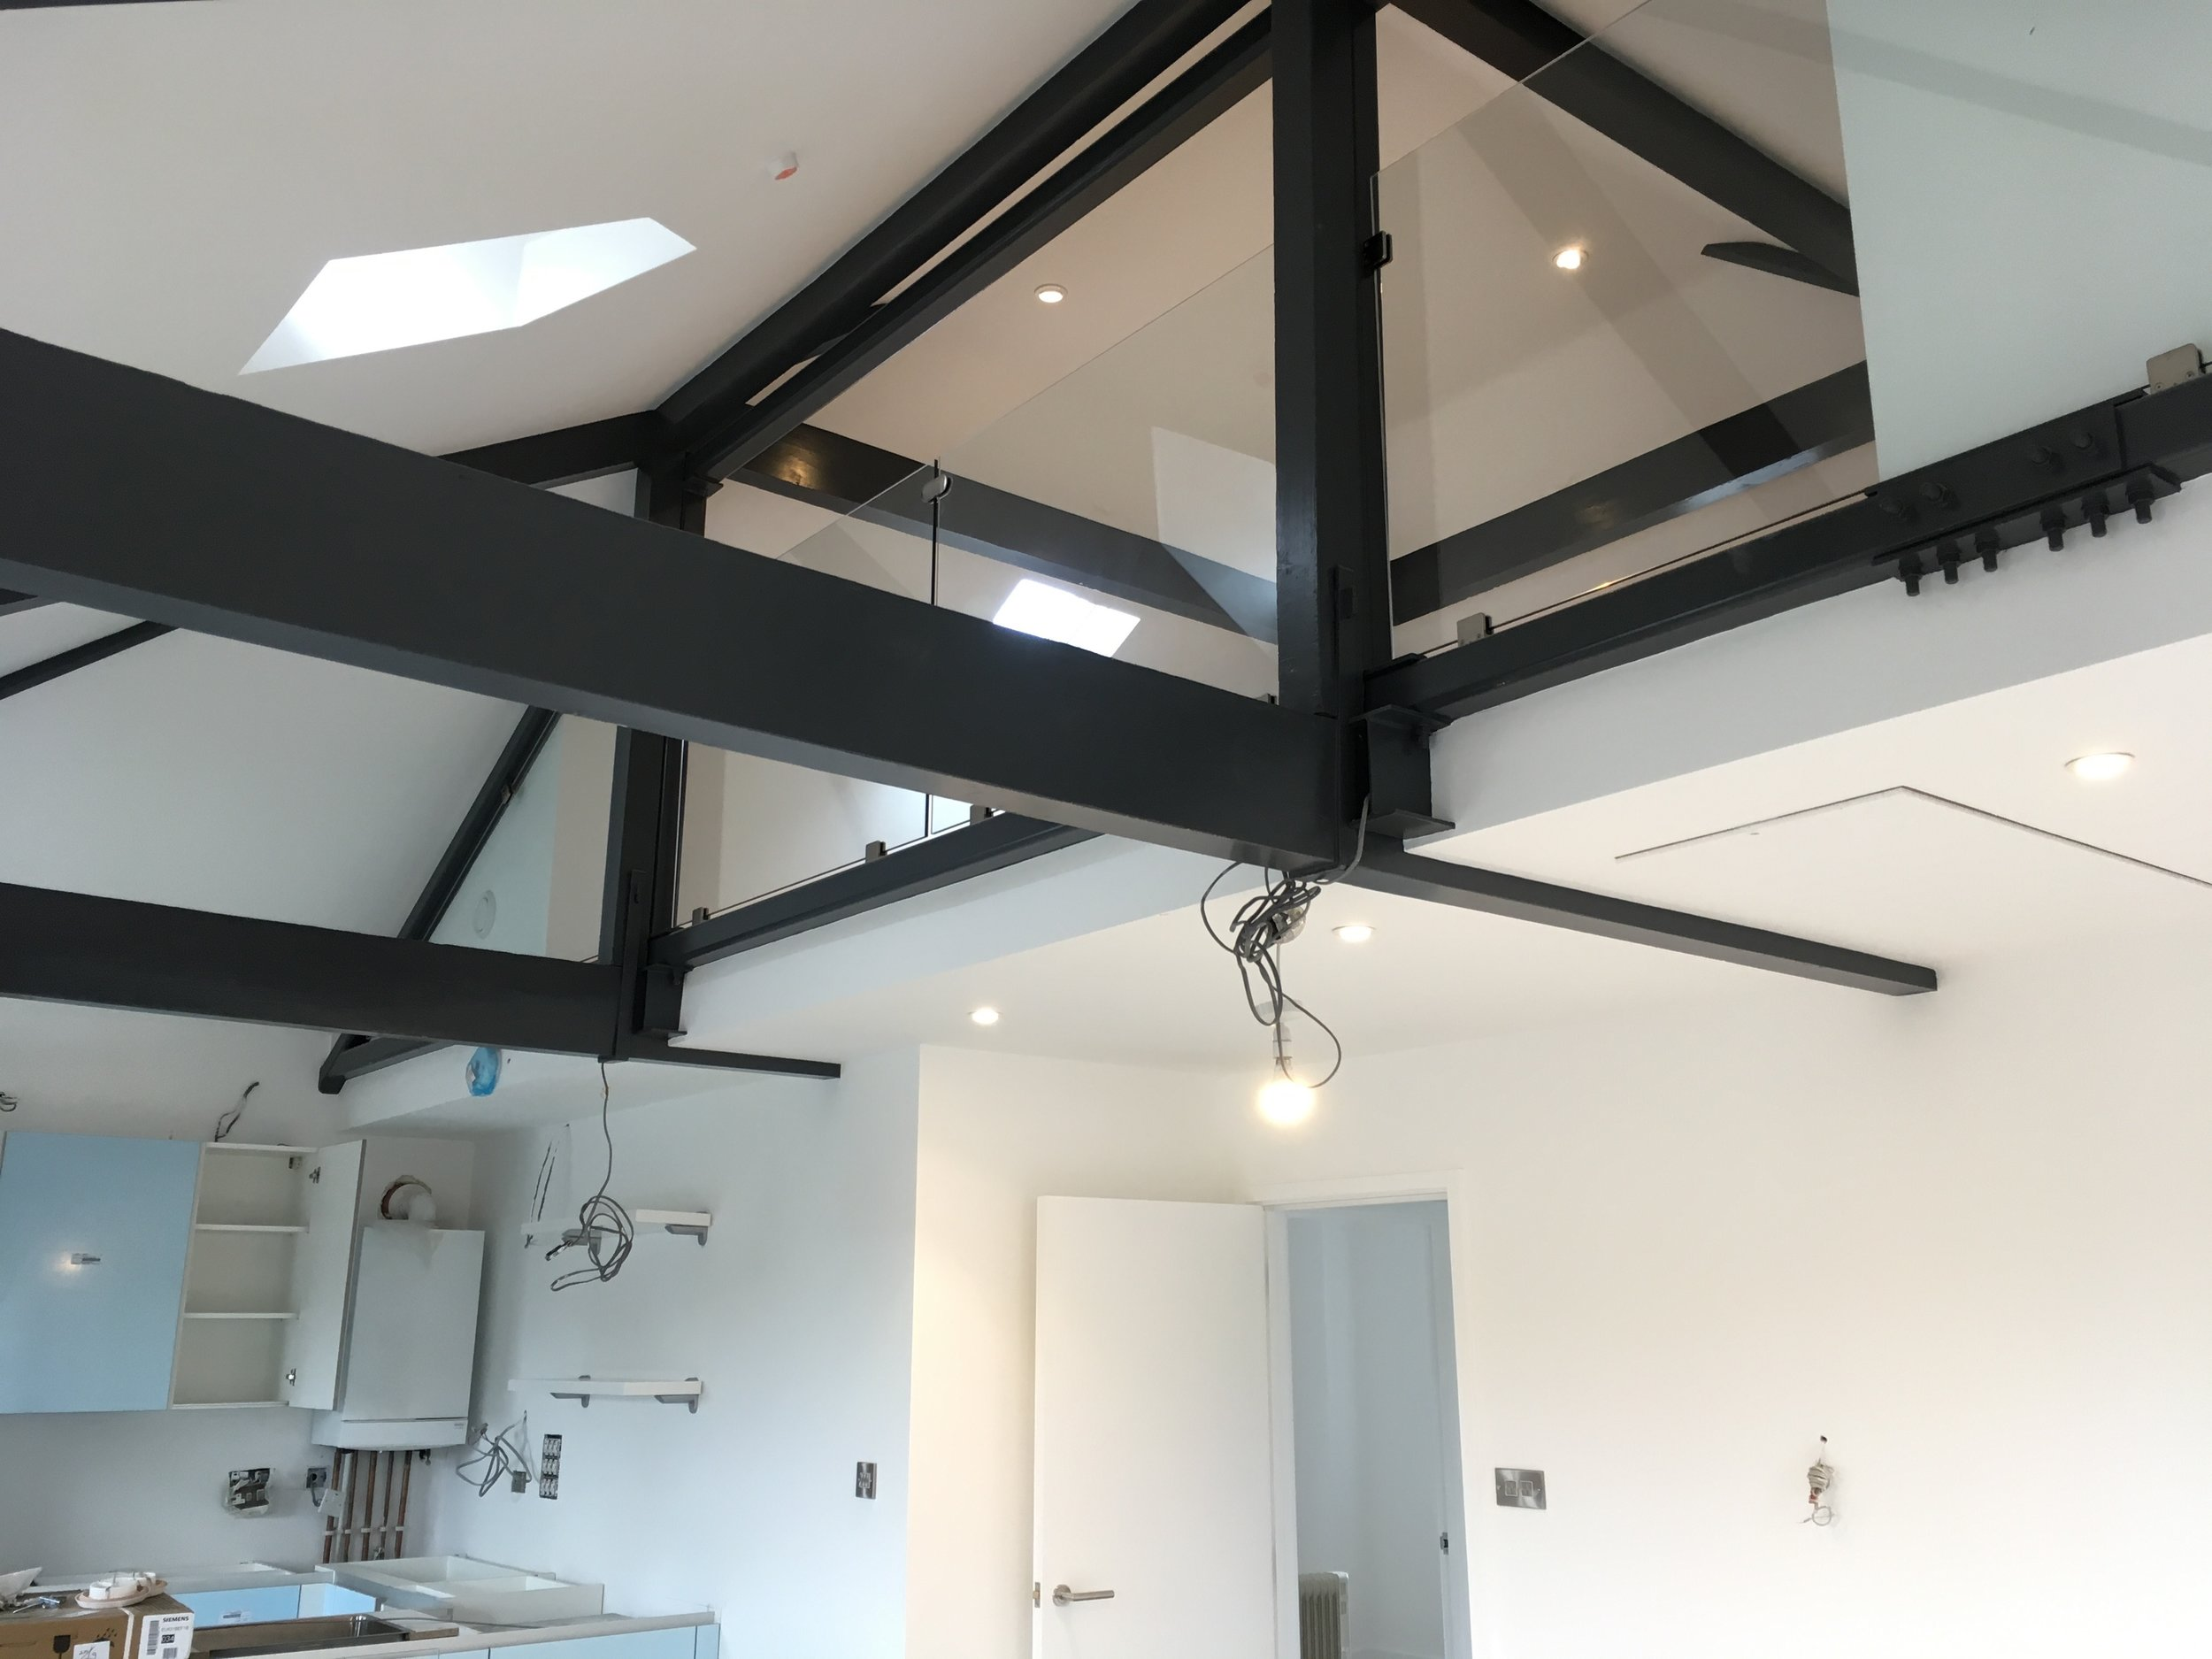 Top floor flat living area with mezzanine above